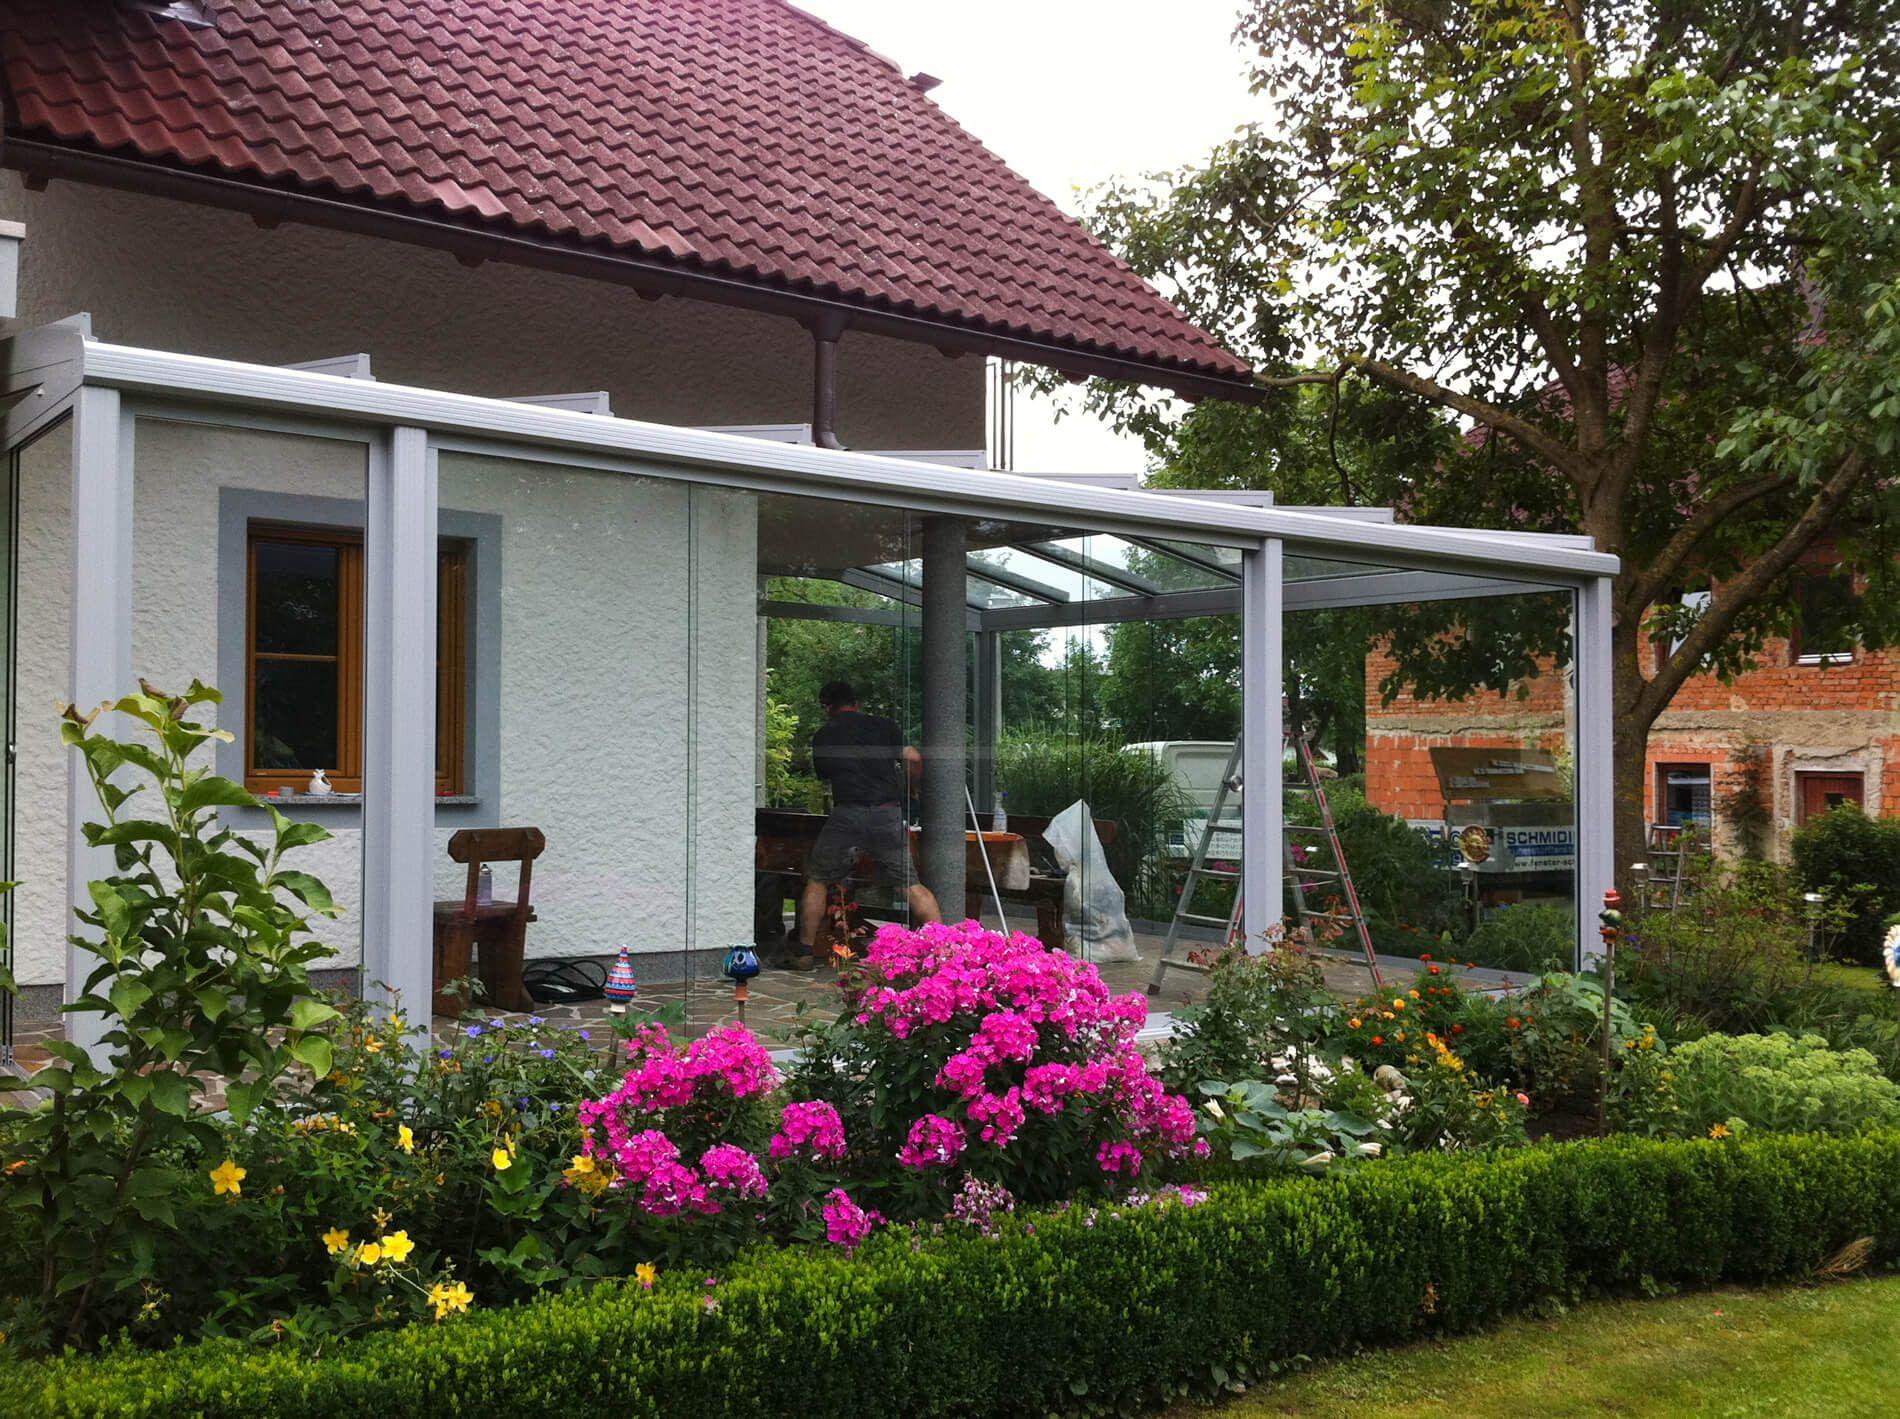 Falttüren Terrasse - Idealer Wetterschutz für den Außenbereich ...